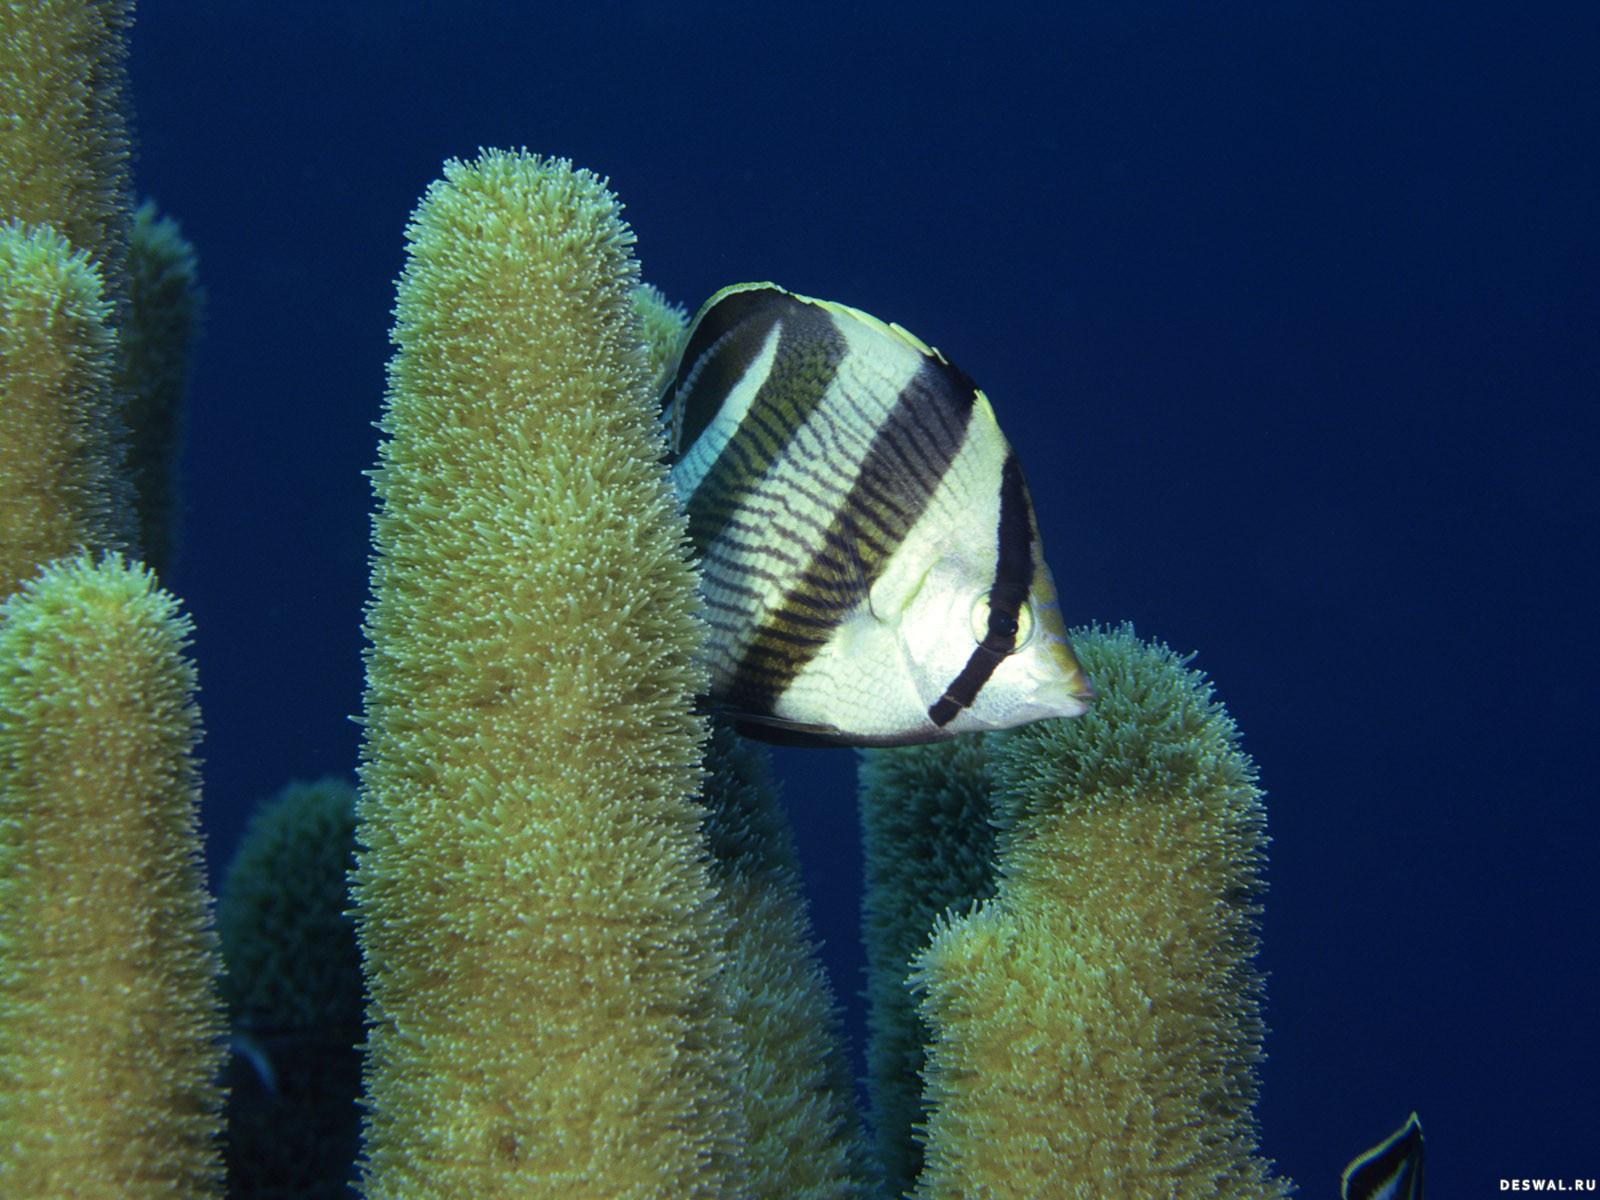 Фото 47. Нажмите на картинку с обоями подводного мира, чтобы просмотреть ее в реальном размере